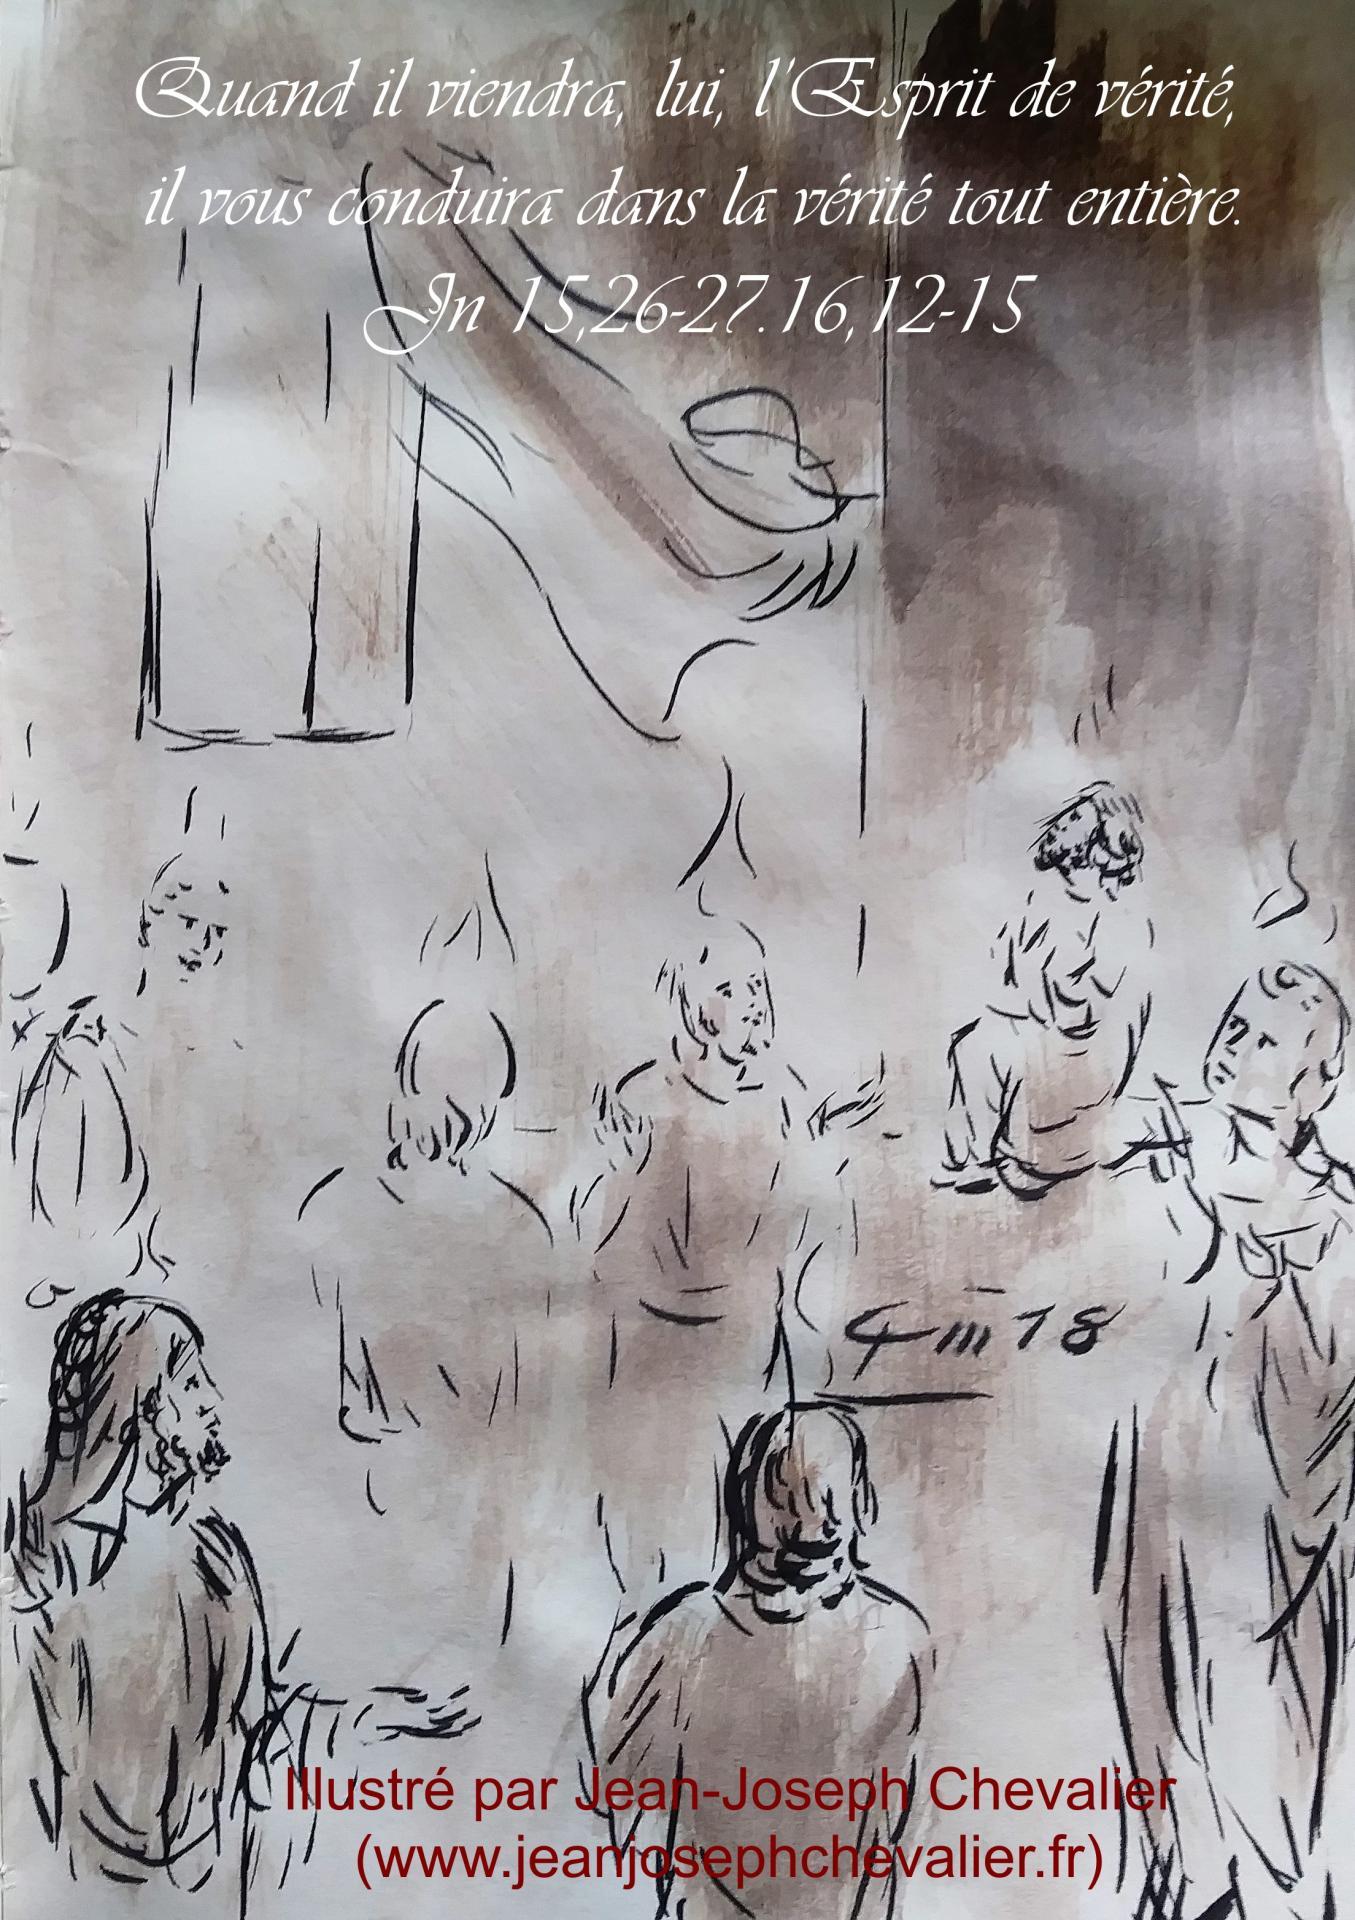 20 mai 2018 evangile du jour illustre par un dessin au lavis de jean joseph chevalier image